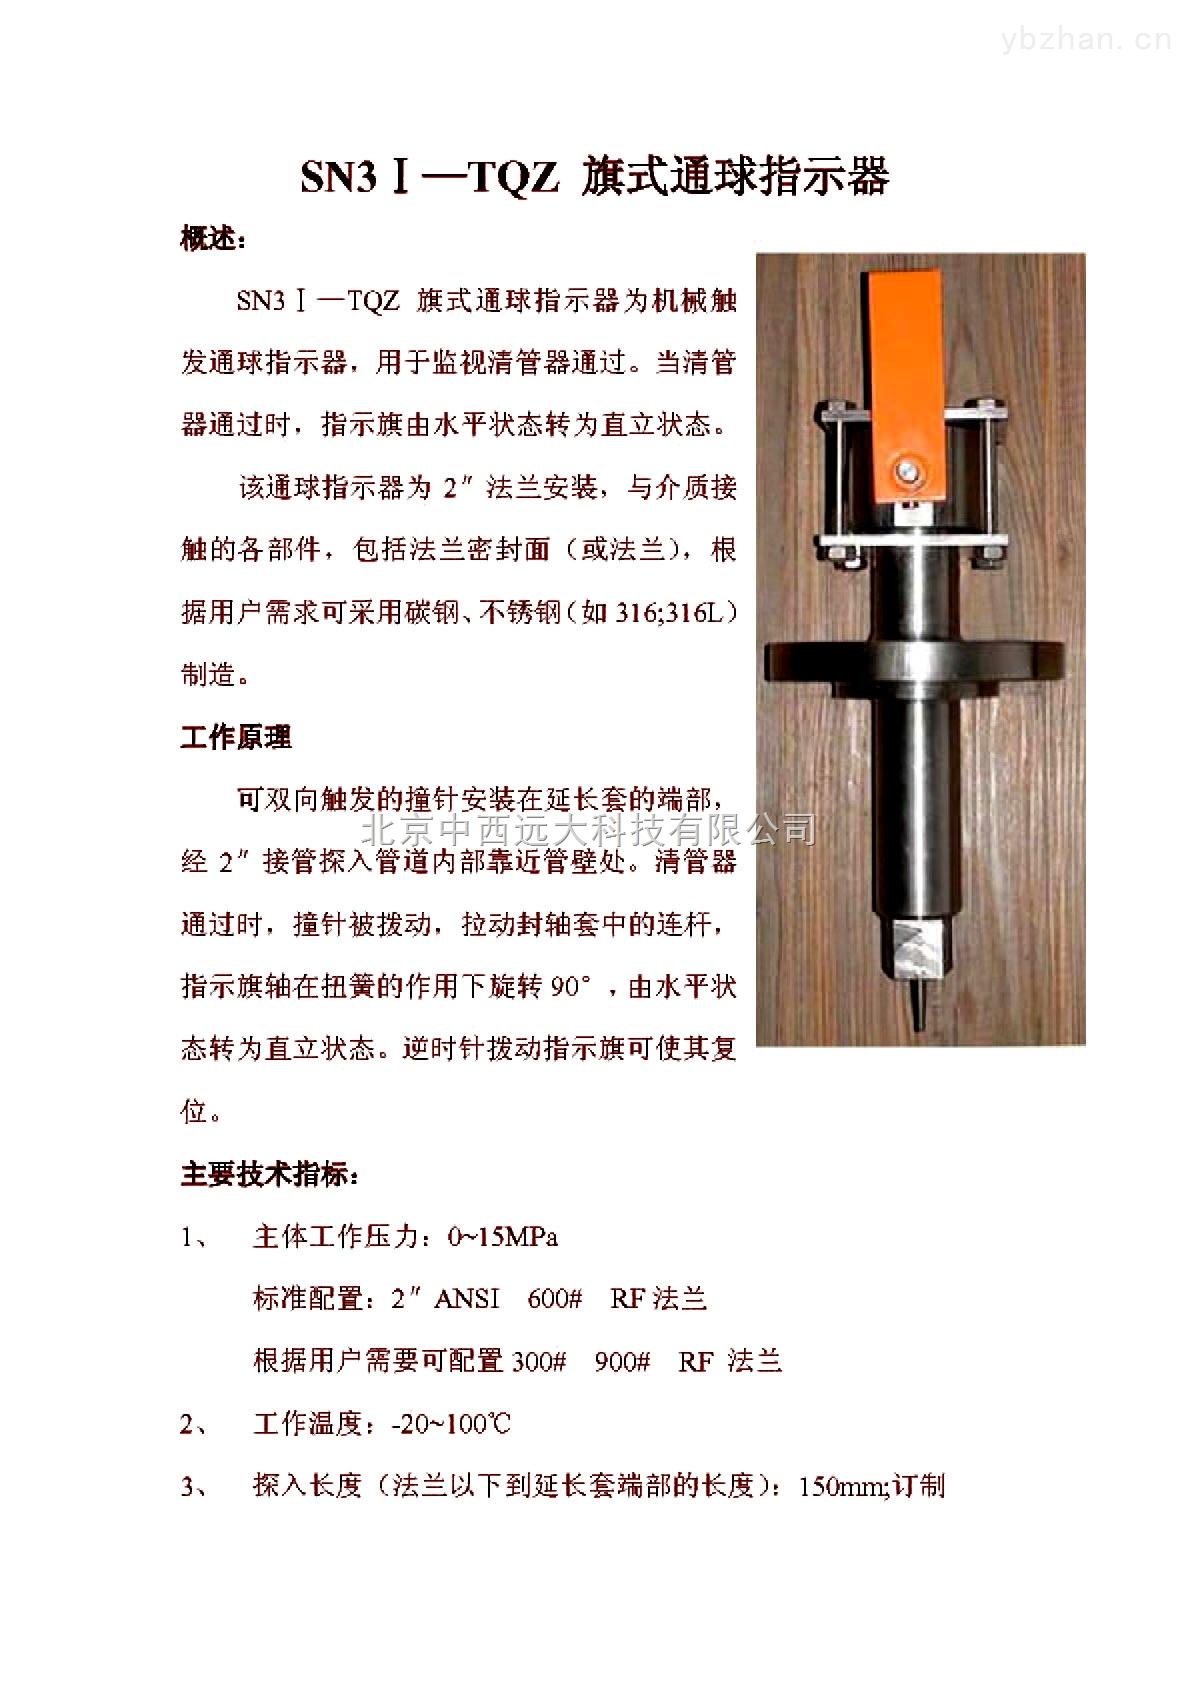 库号:M306936-旗式通球指示器(不锈钢) 型号:SNYS12-SN3-TQZ